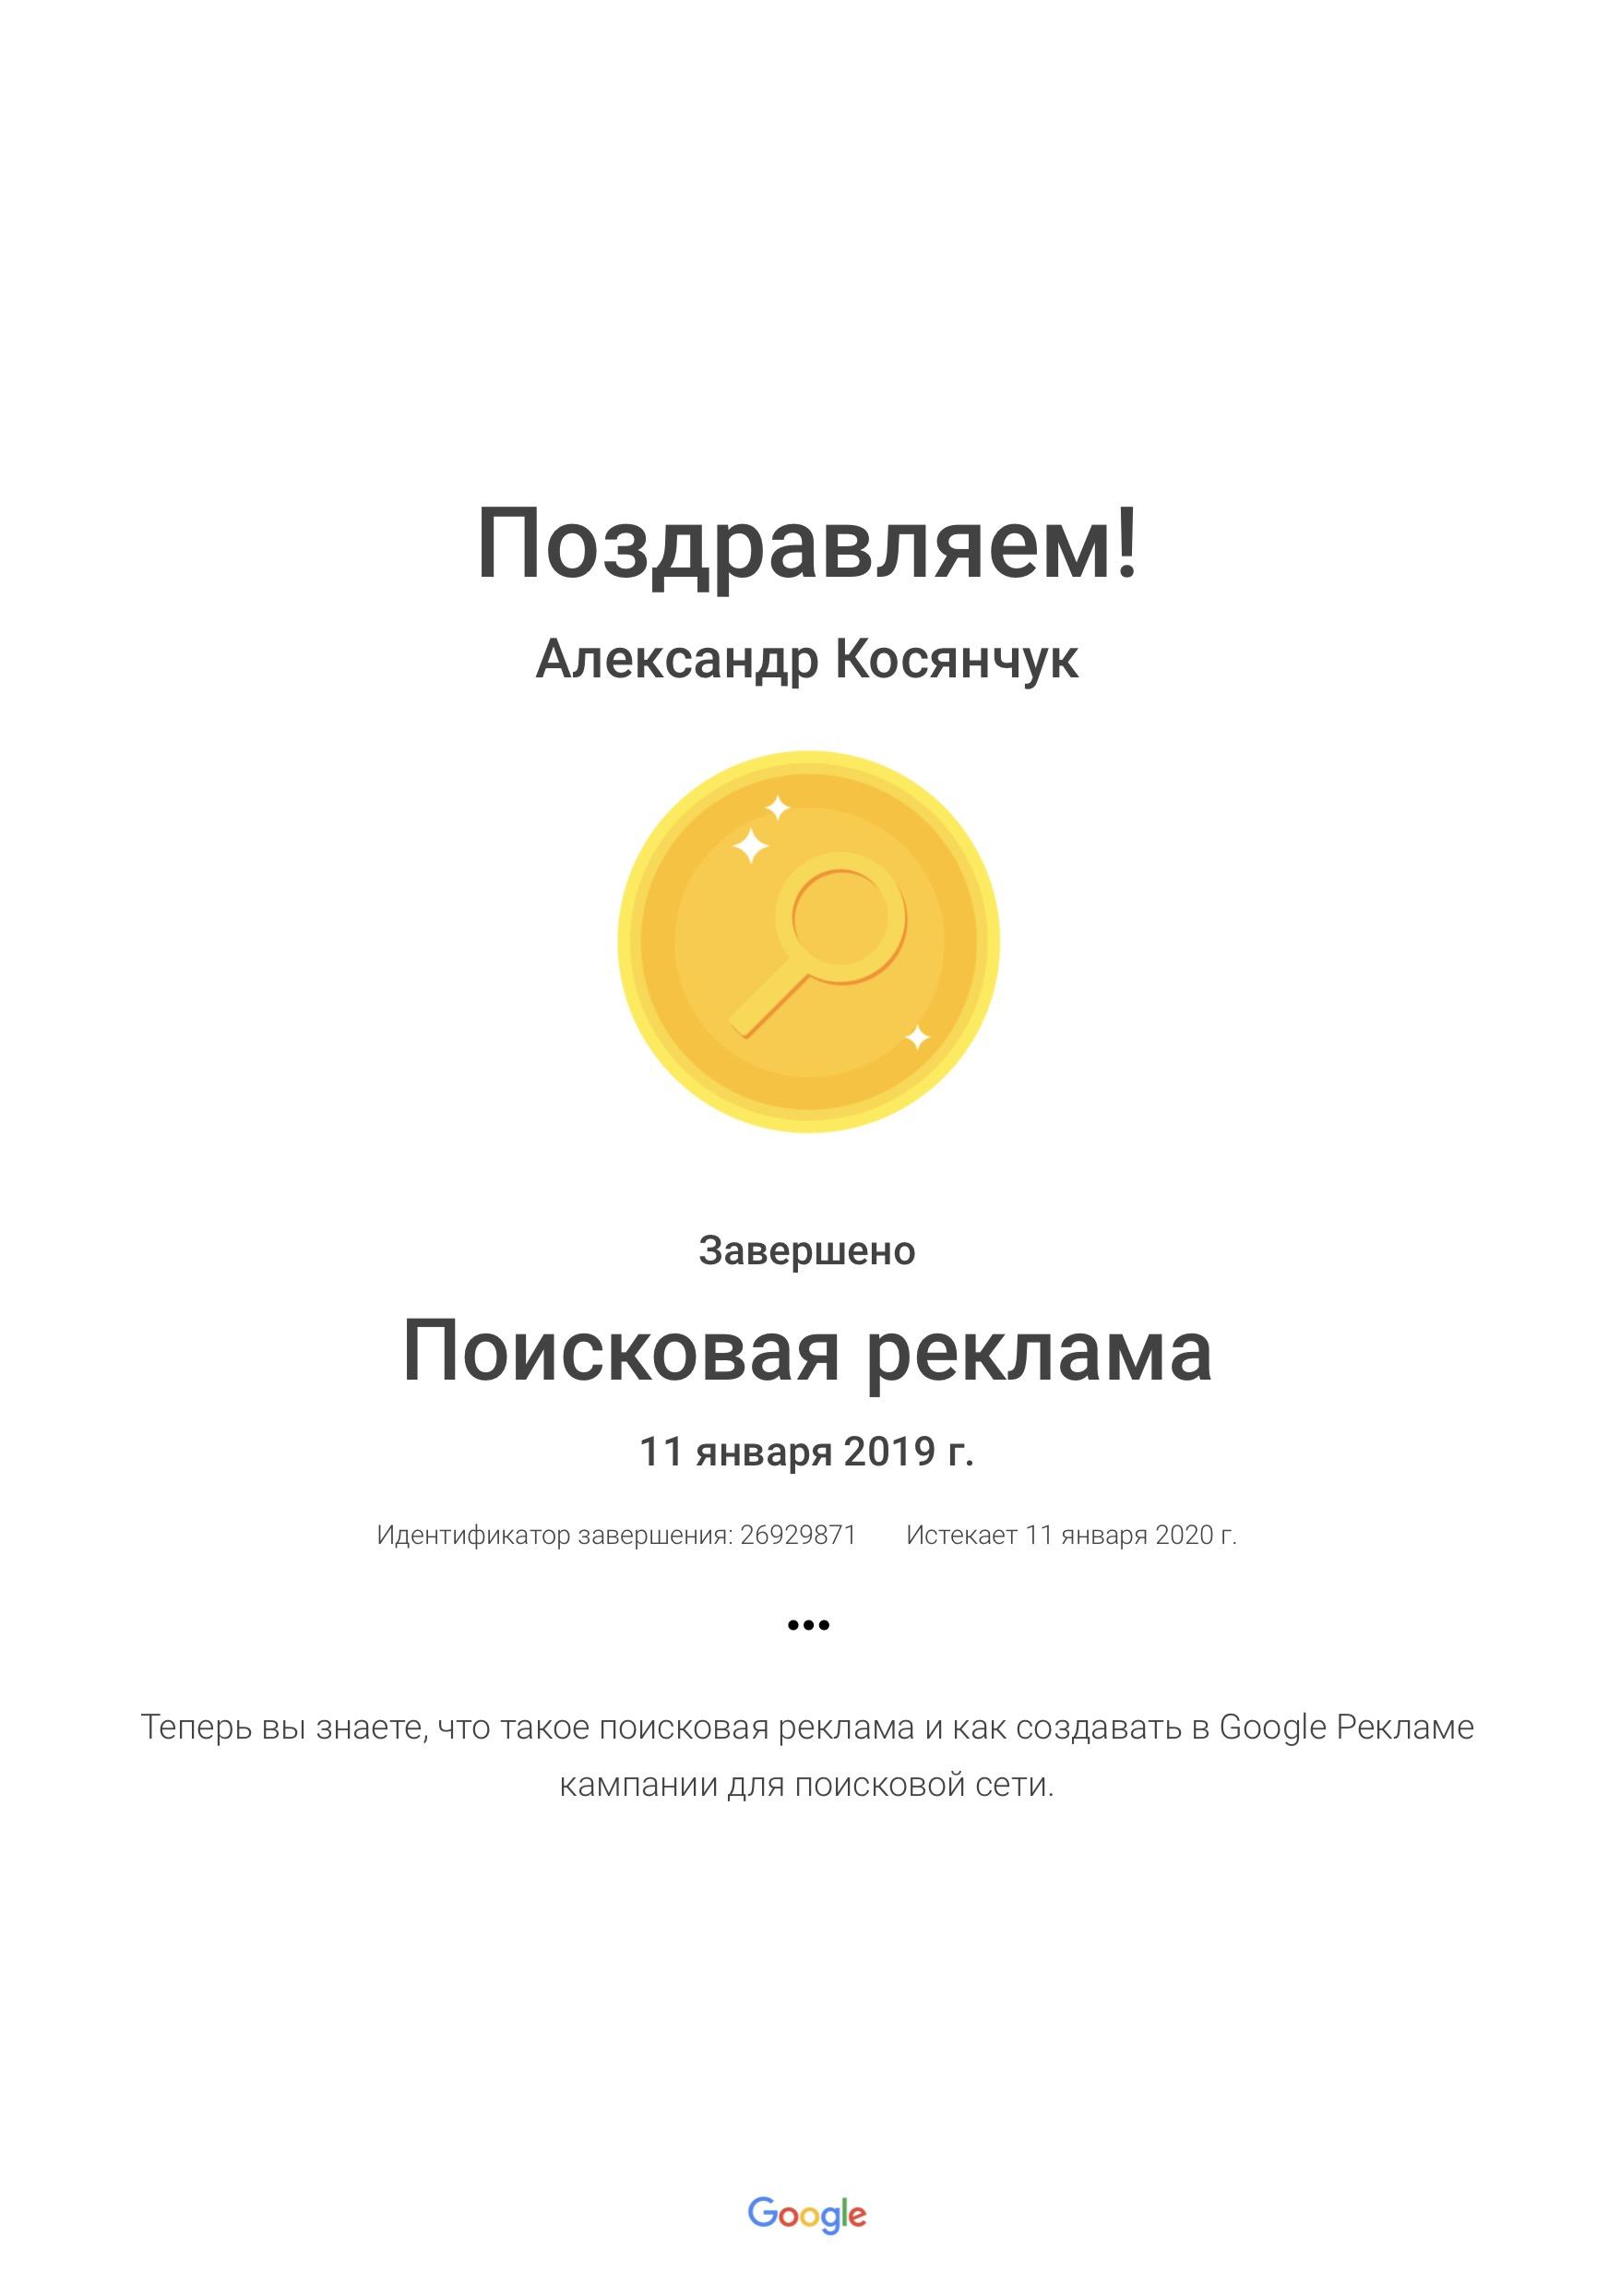 Сертификация AdWords по поисковой рекламе - 2019